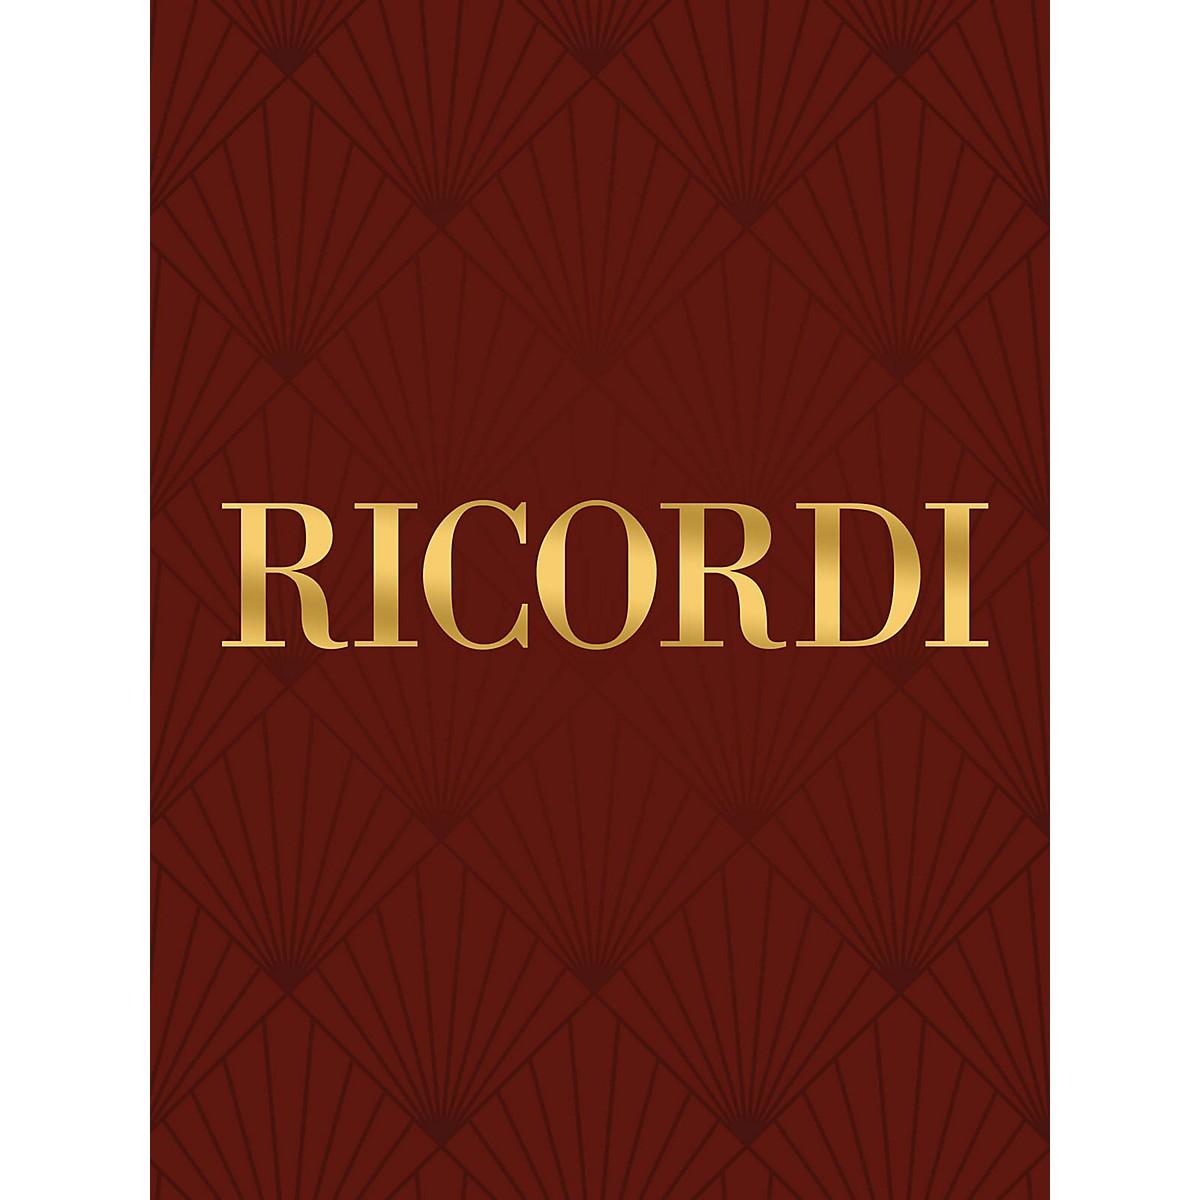 Ricordi Del suo natio rigore RV653 Study Score Series Composed by Antonio Vivaldi Edited by Francesco Degrada